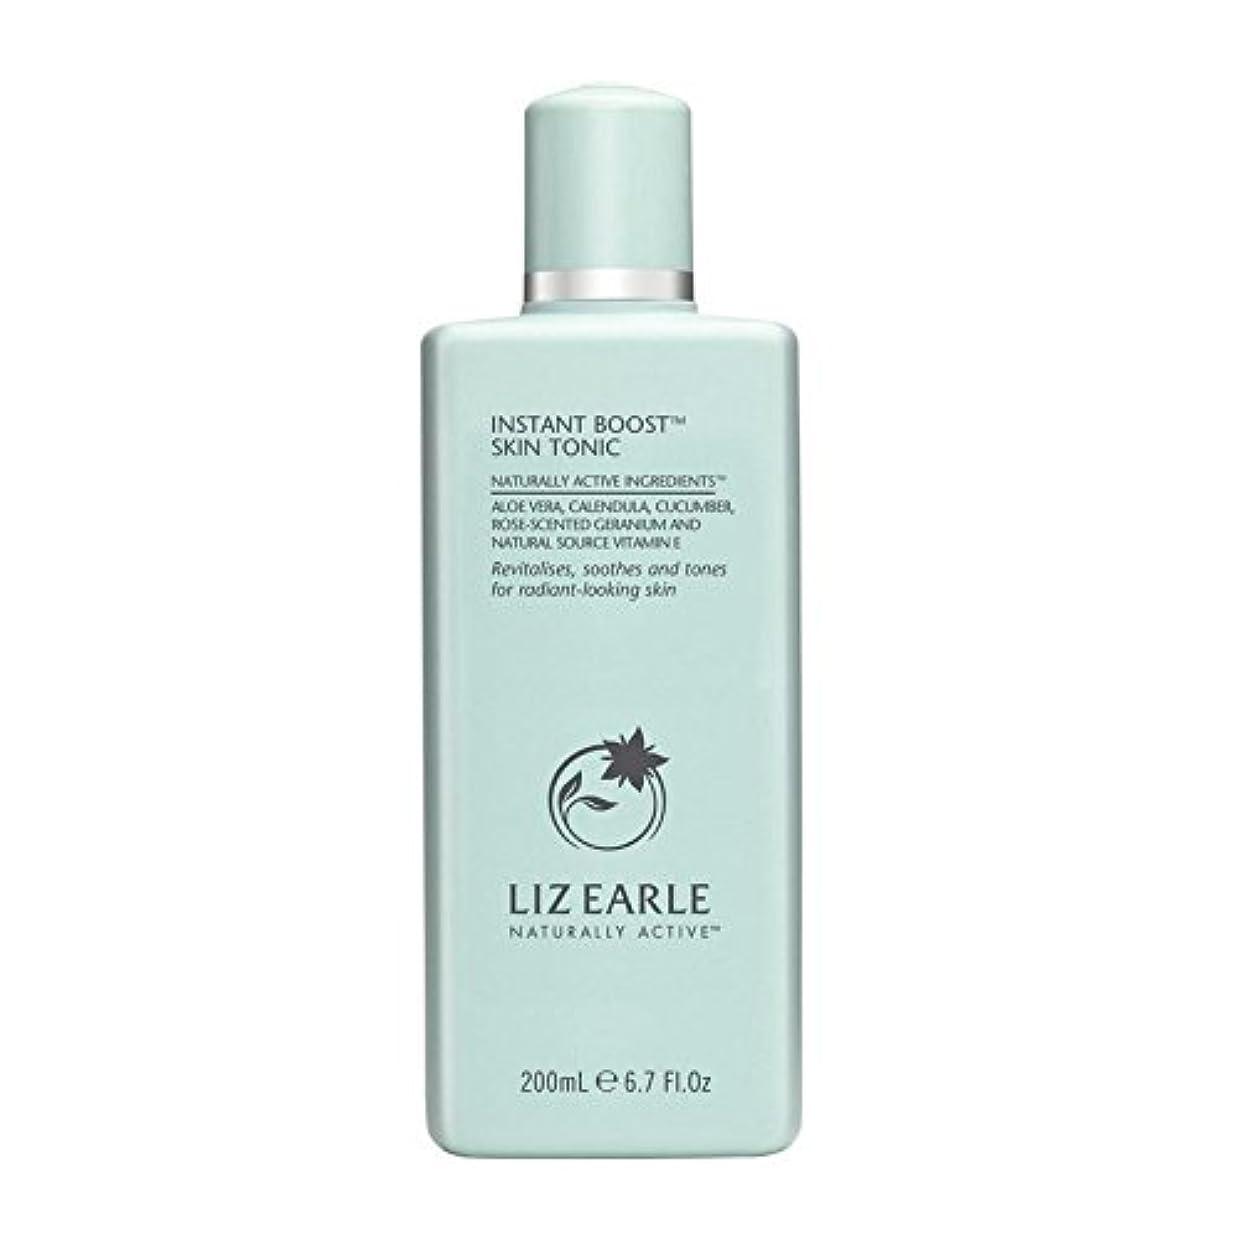 しなやかな集計後世リズアールインスタントブーストスキントニックボトル200ミリリットル x2 - Liz Earle Instant Boost Skin Tonic Bottle 200ml (Pack of 2) [並行輸入品]